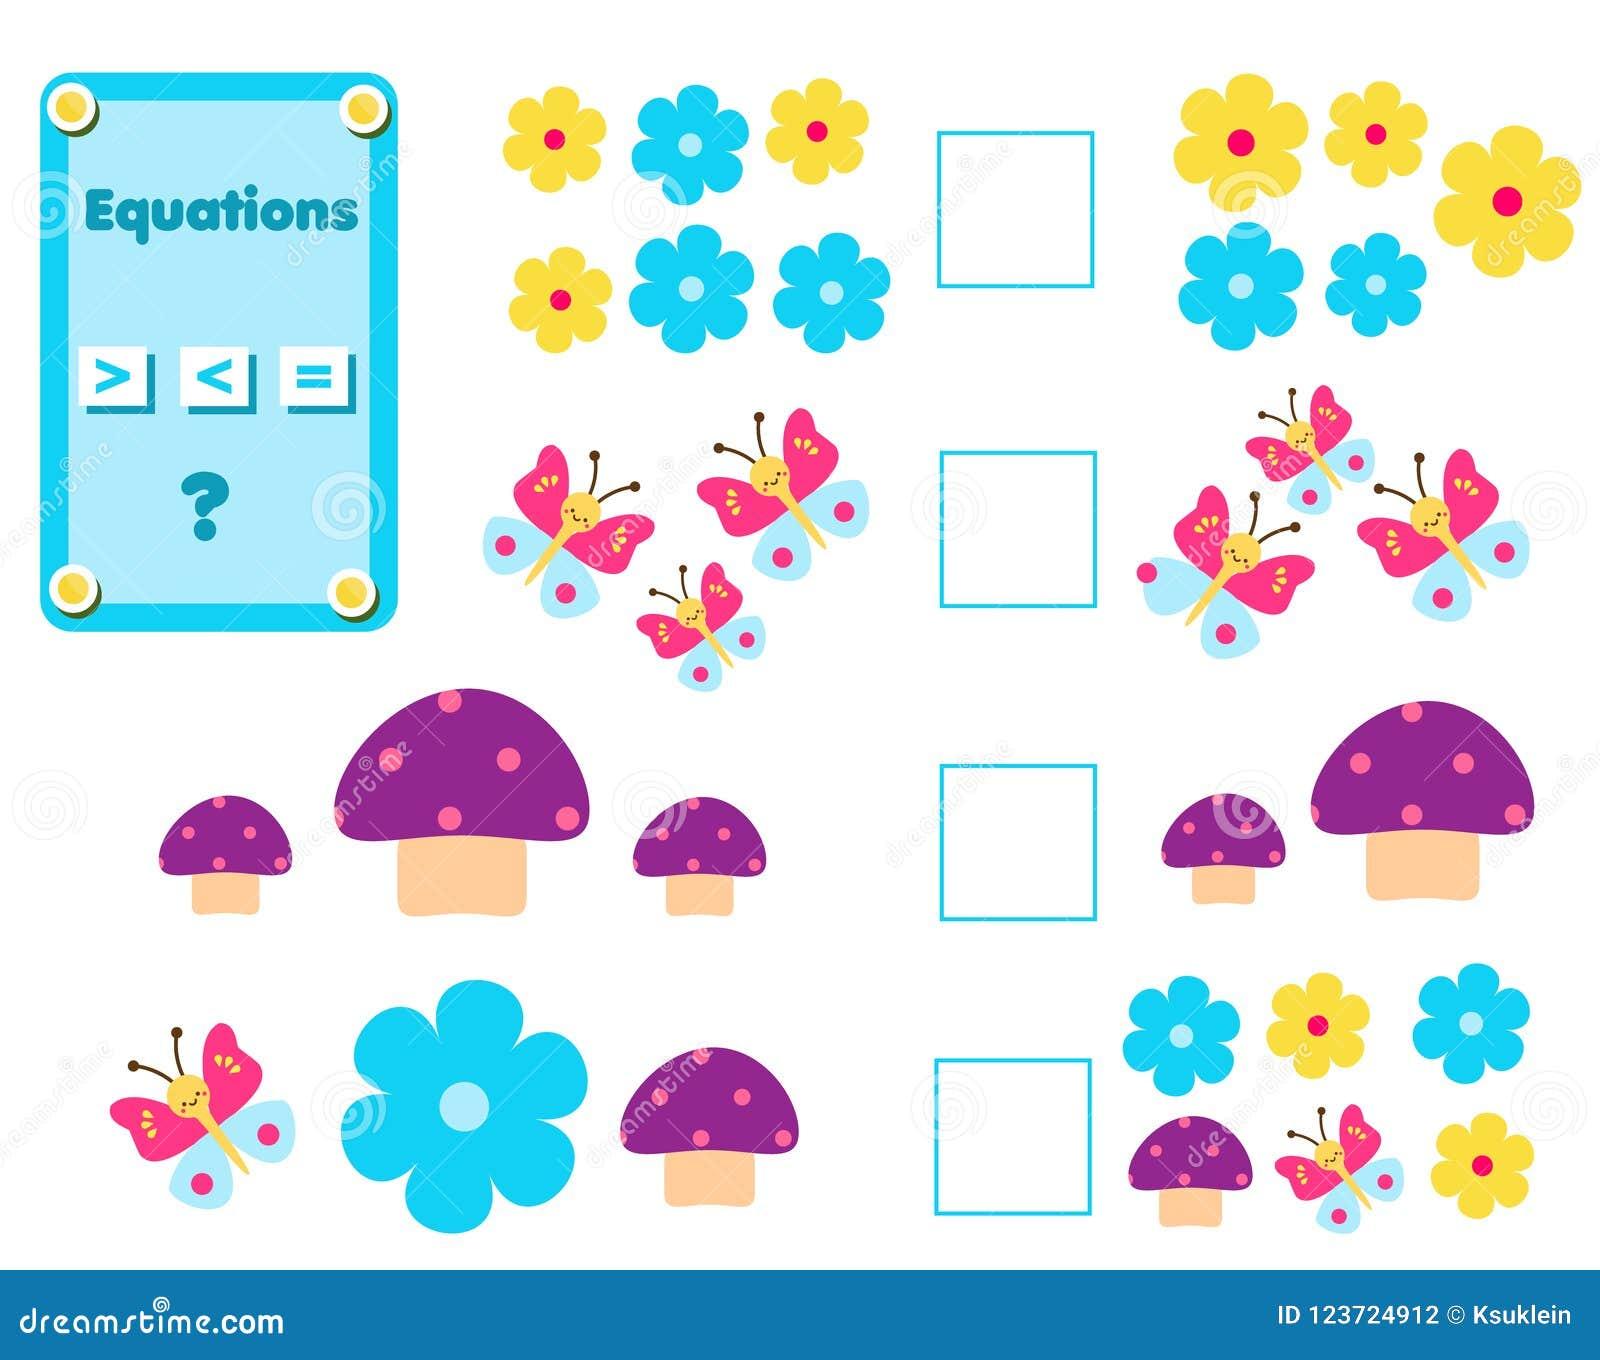 Mathelernspiel für Kinder Schließen Sie die mathematische Gleichungsaufgabe ab, wählen Sie mehr, weniger oder Gleichgestelltes